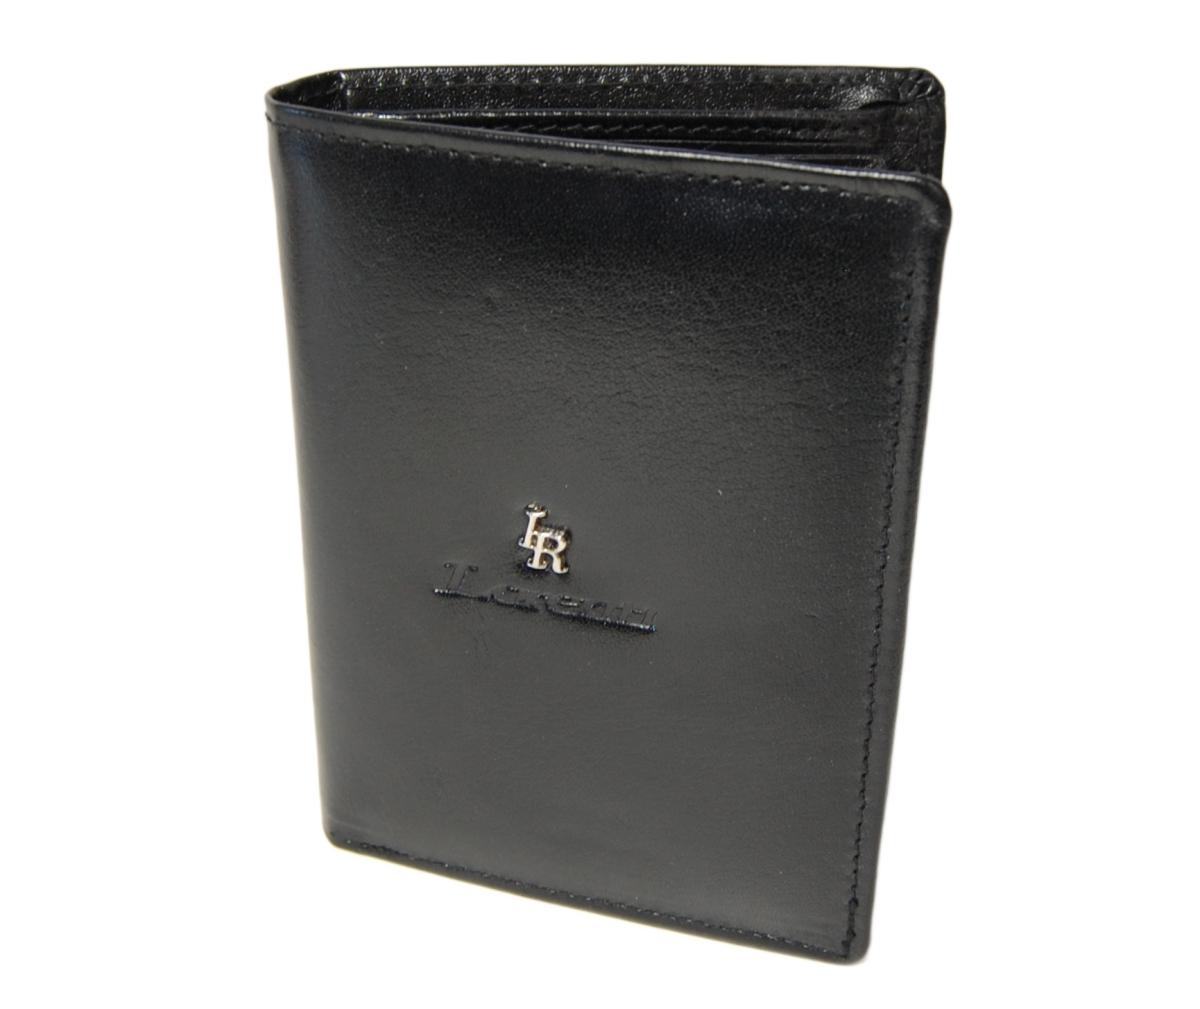 Lorenti pánská peněženka 75699 z pravé kůže, černá